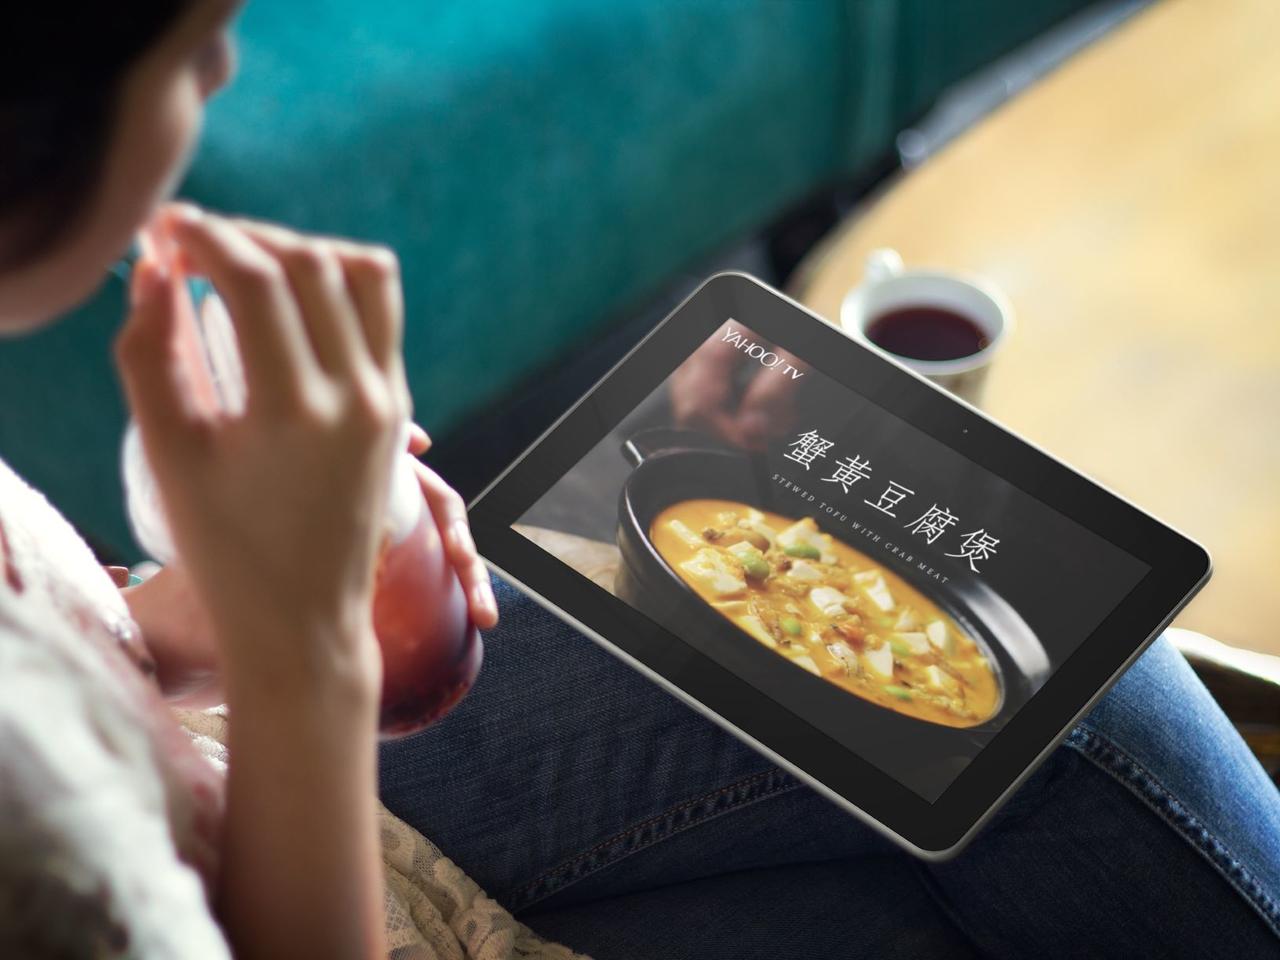 Yahoo TV《小當家》將於春節期間推出一系列「跟著做就能煮好一整桌年夜飯桌菜...